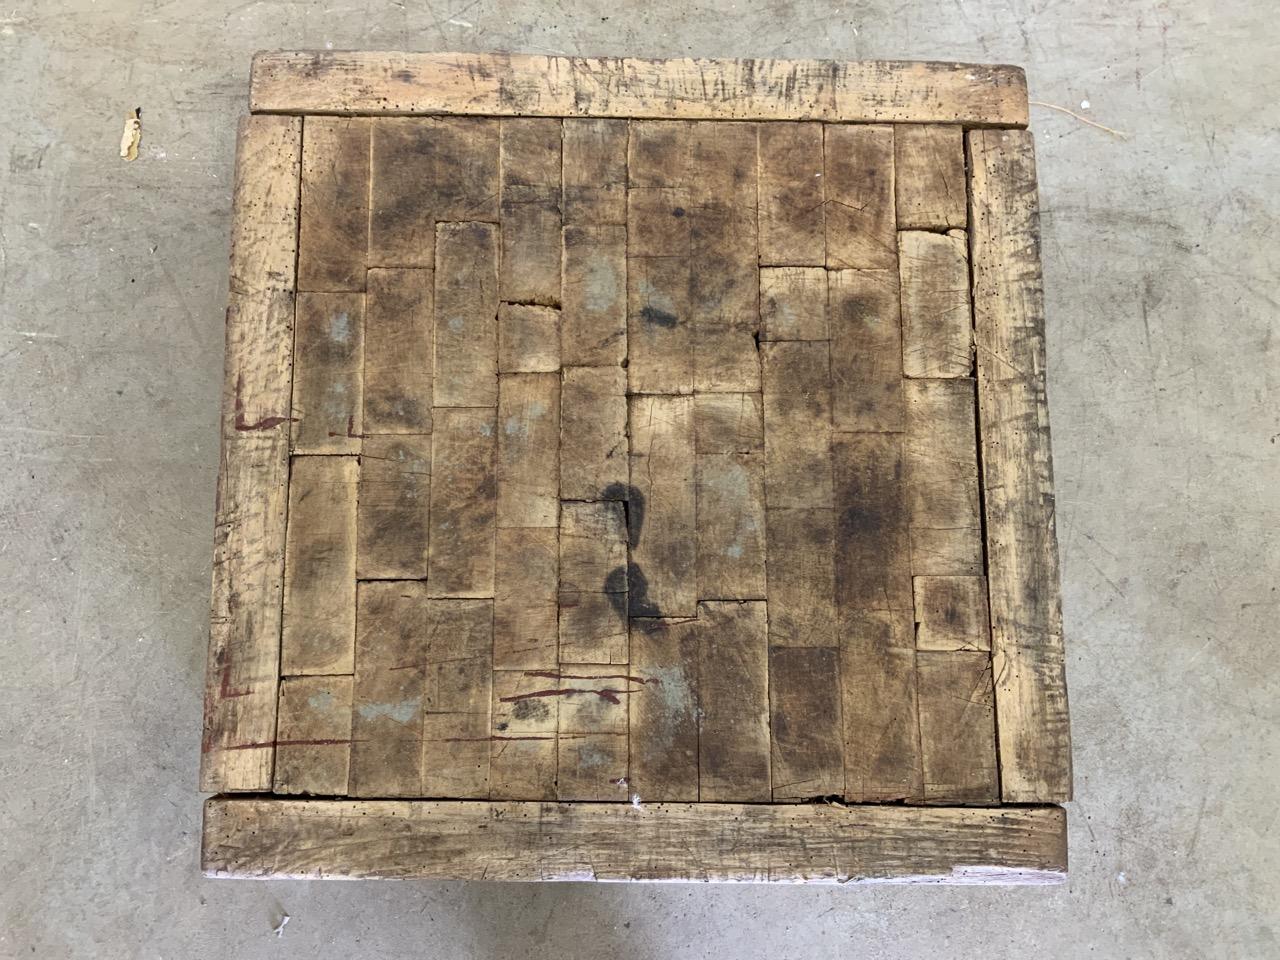 A square butchers block, without base. W:62cm x D:62cm x H:18cm - Image 2 of 5